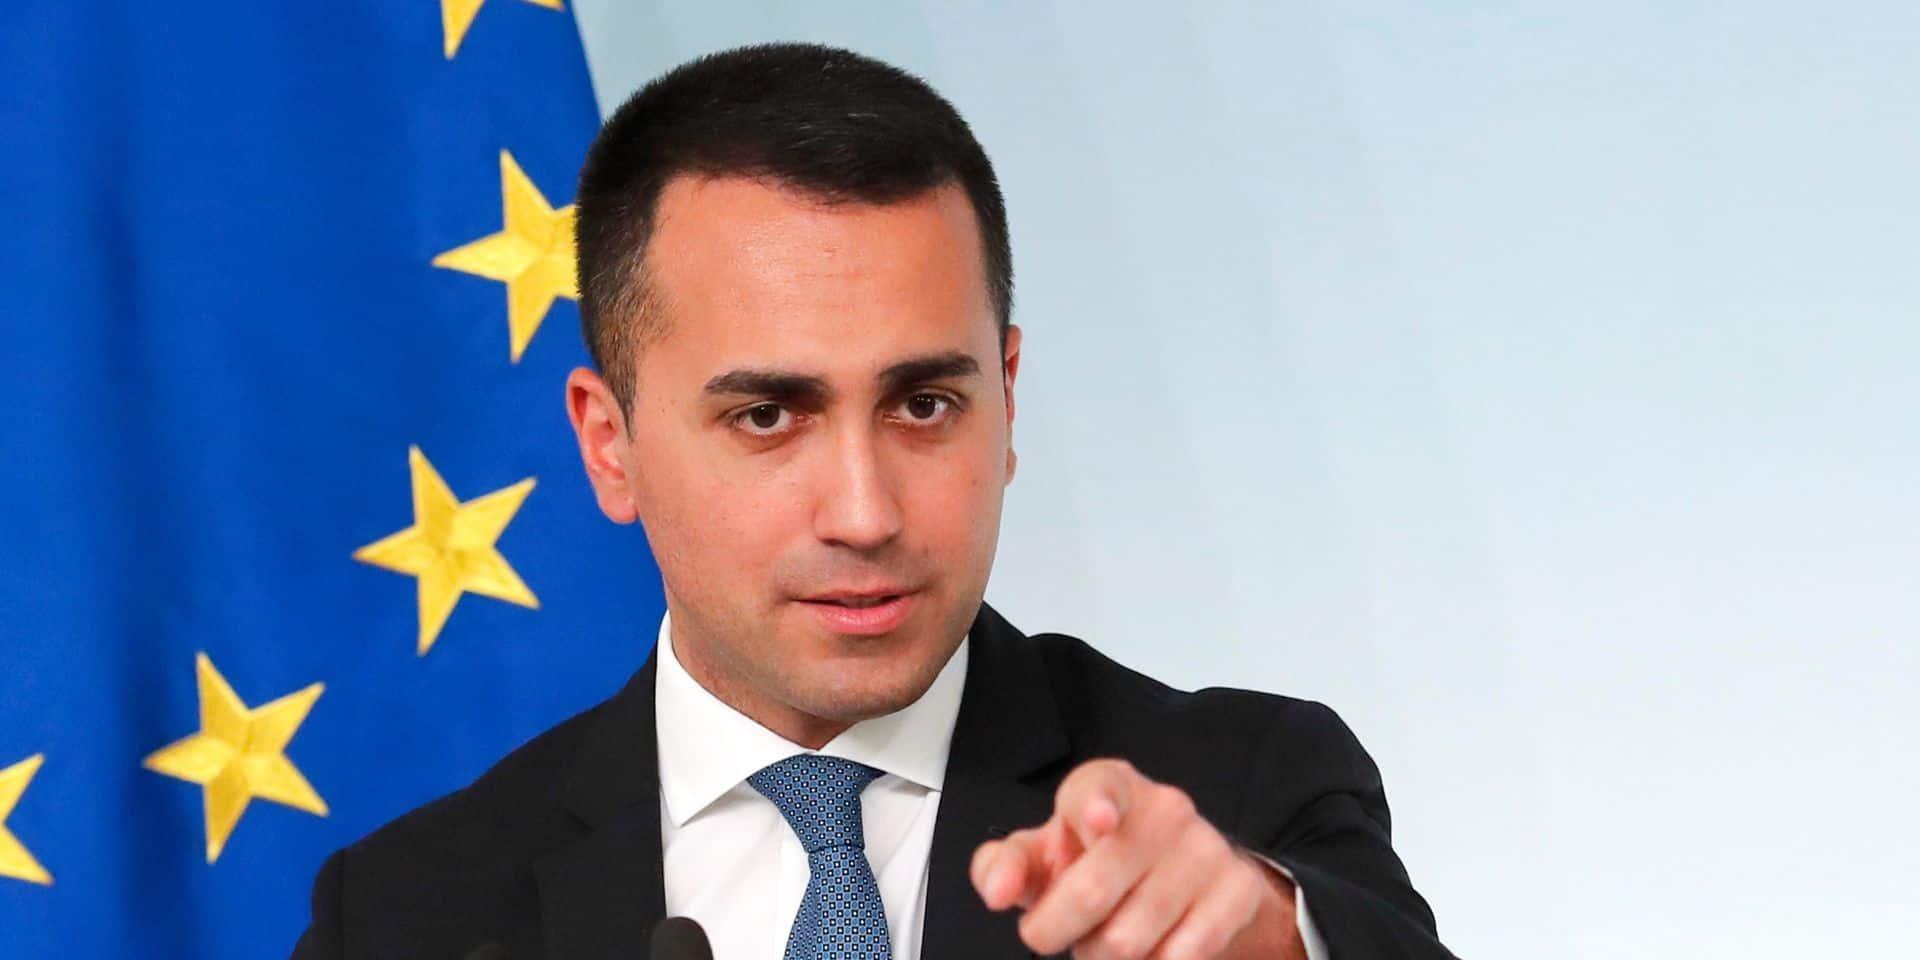 Quatre députés européens abandonnent le Mouvement 5 Etoiles pour rejoindre le groupe des Verts